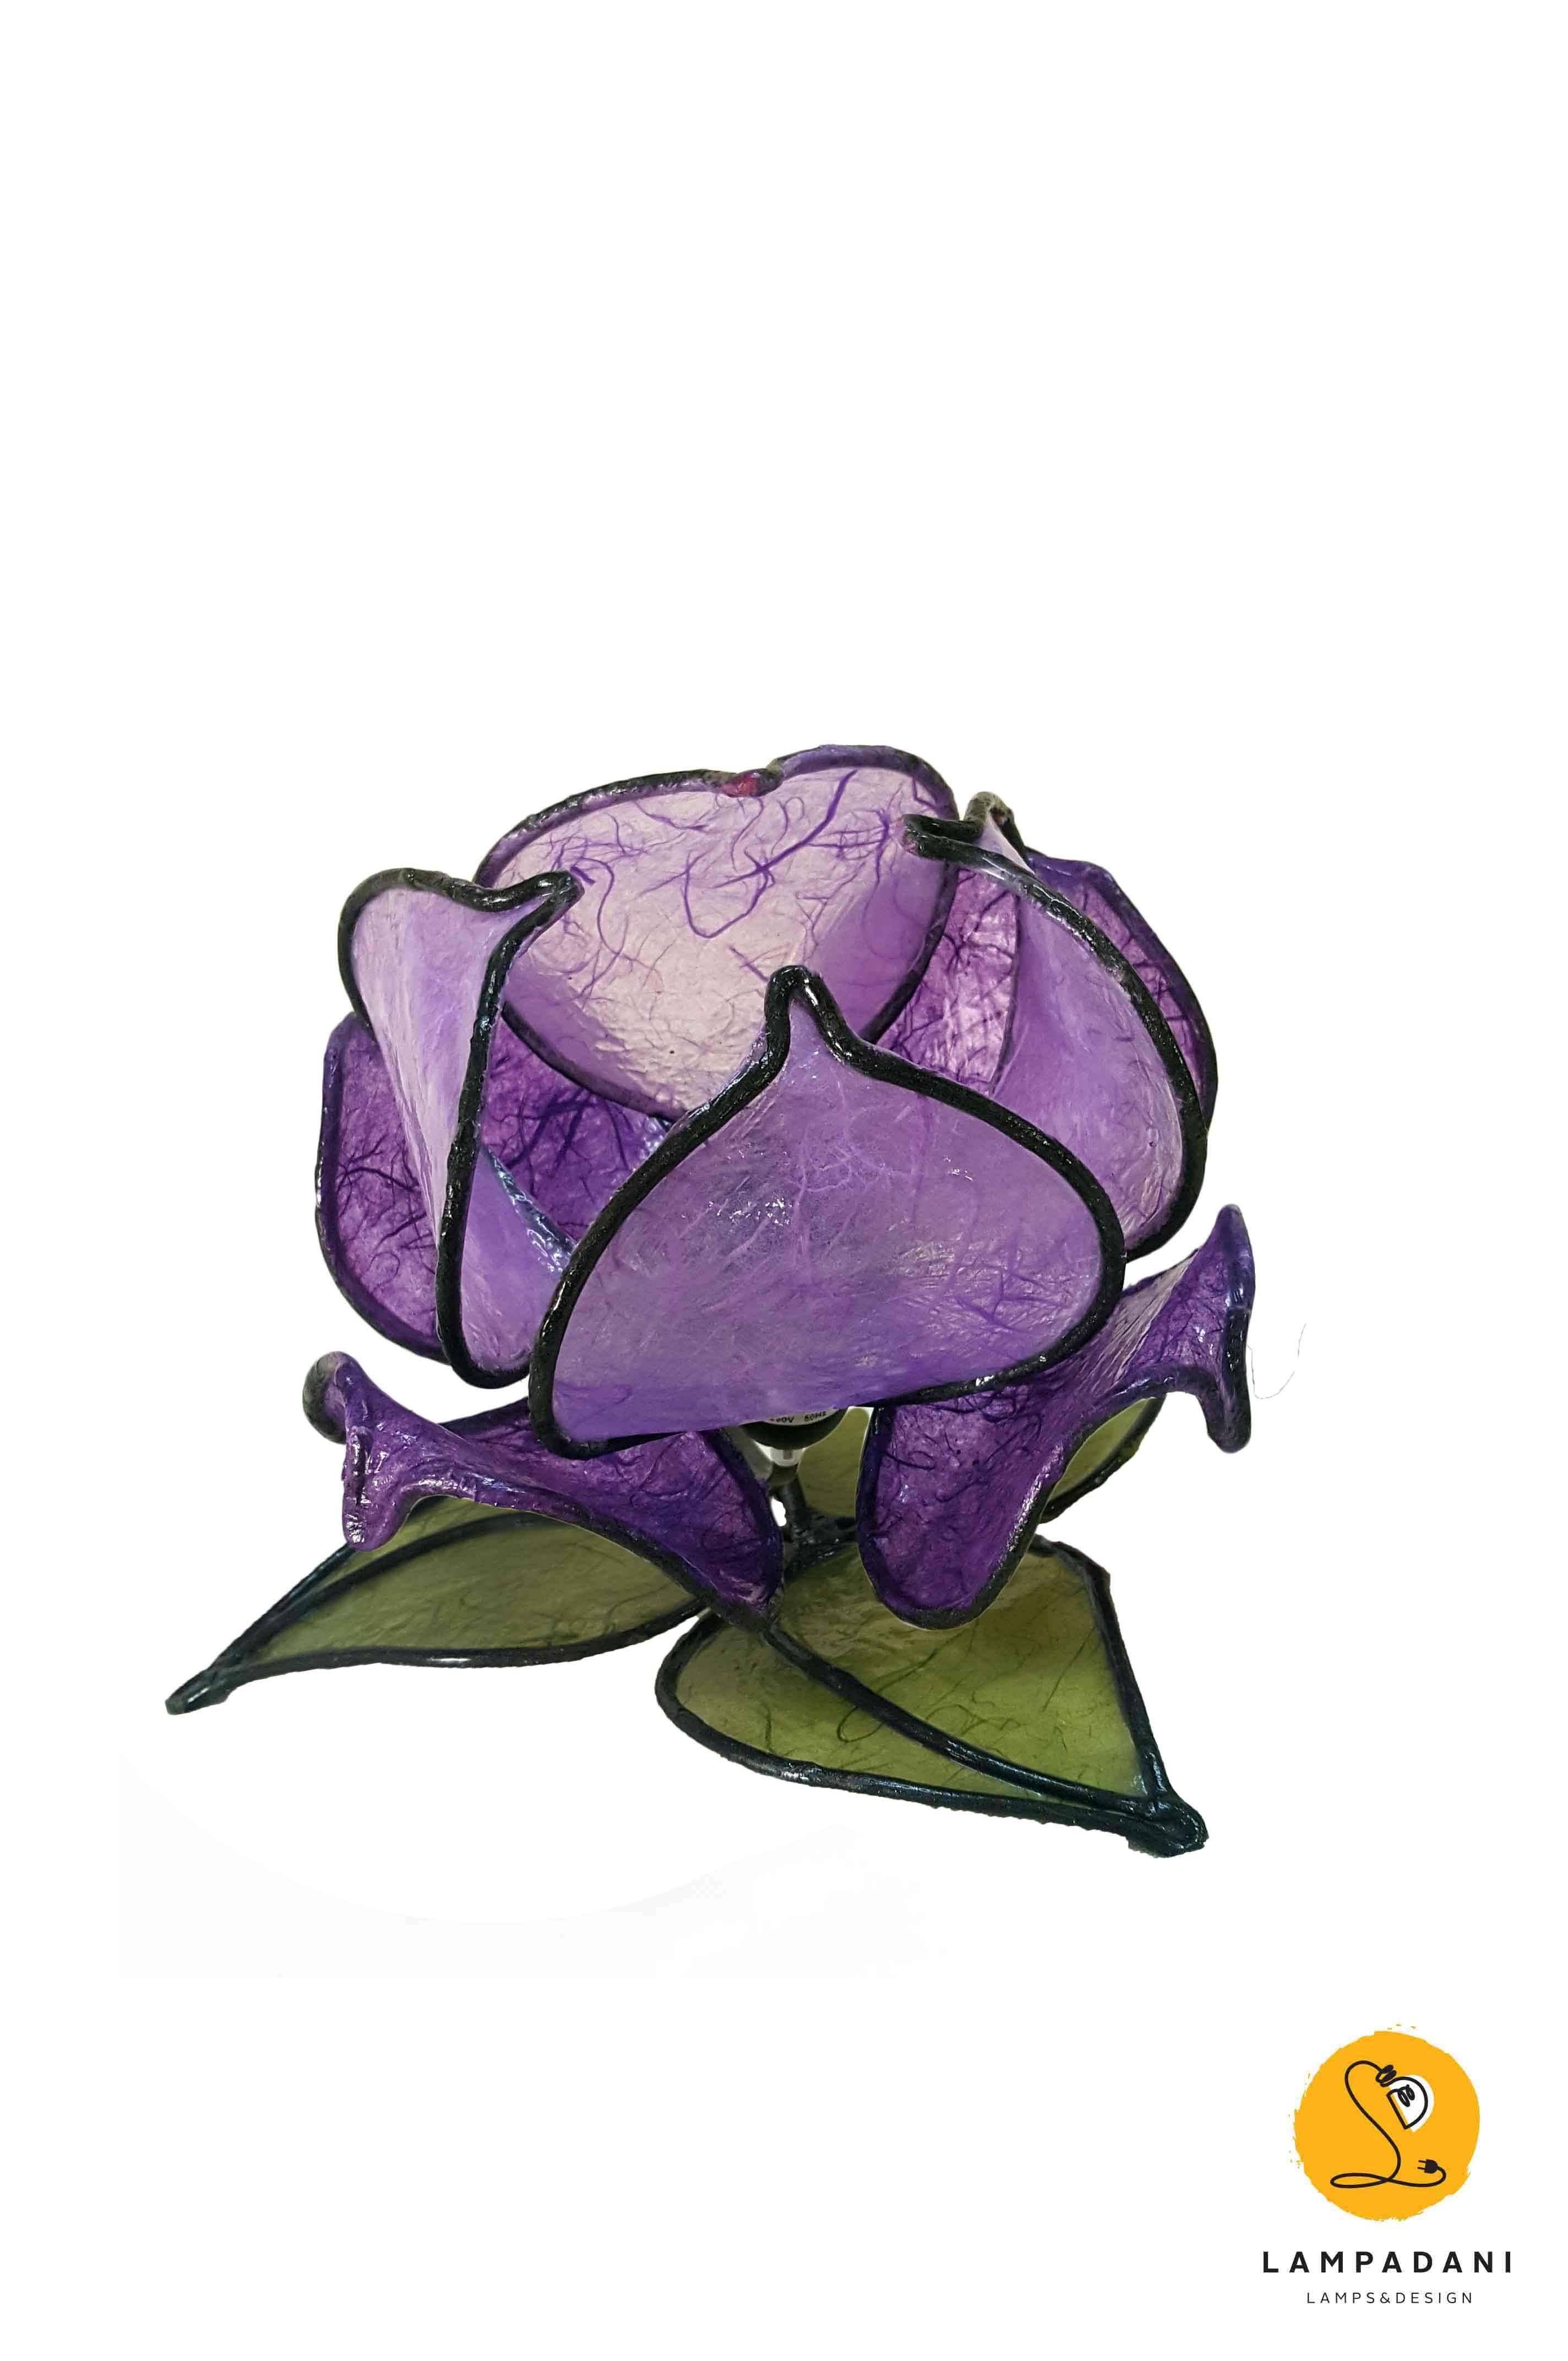 Lotus flower table lamp 8 petals low lampadani lotus flower table lamp 8 petals low izmirmasajfo